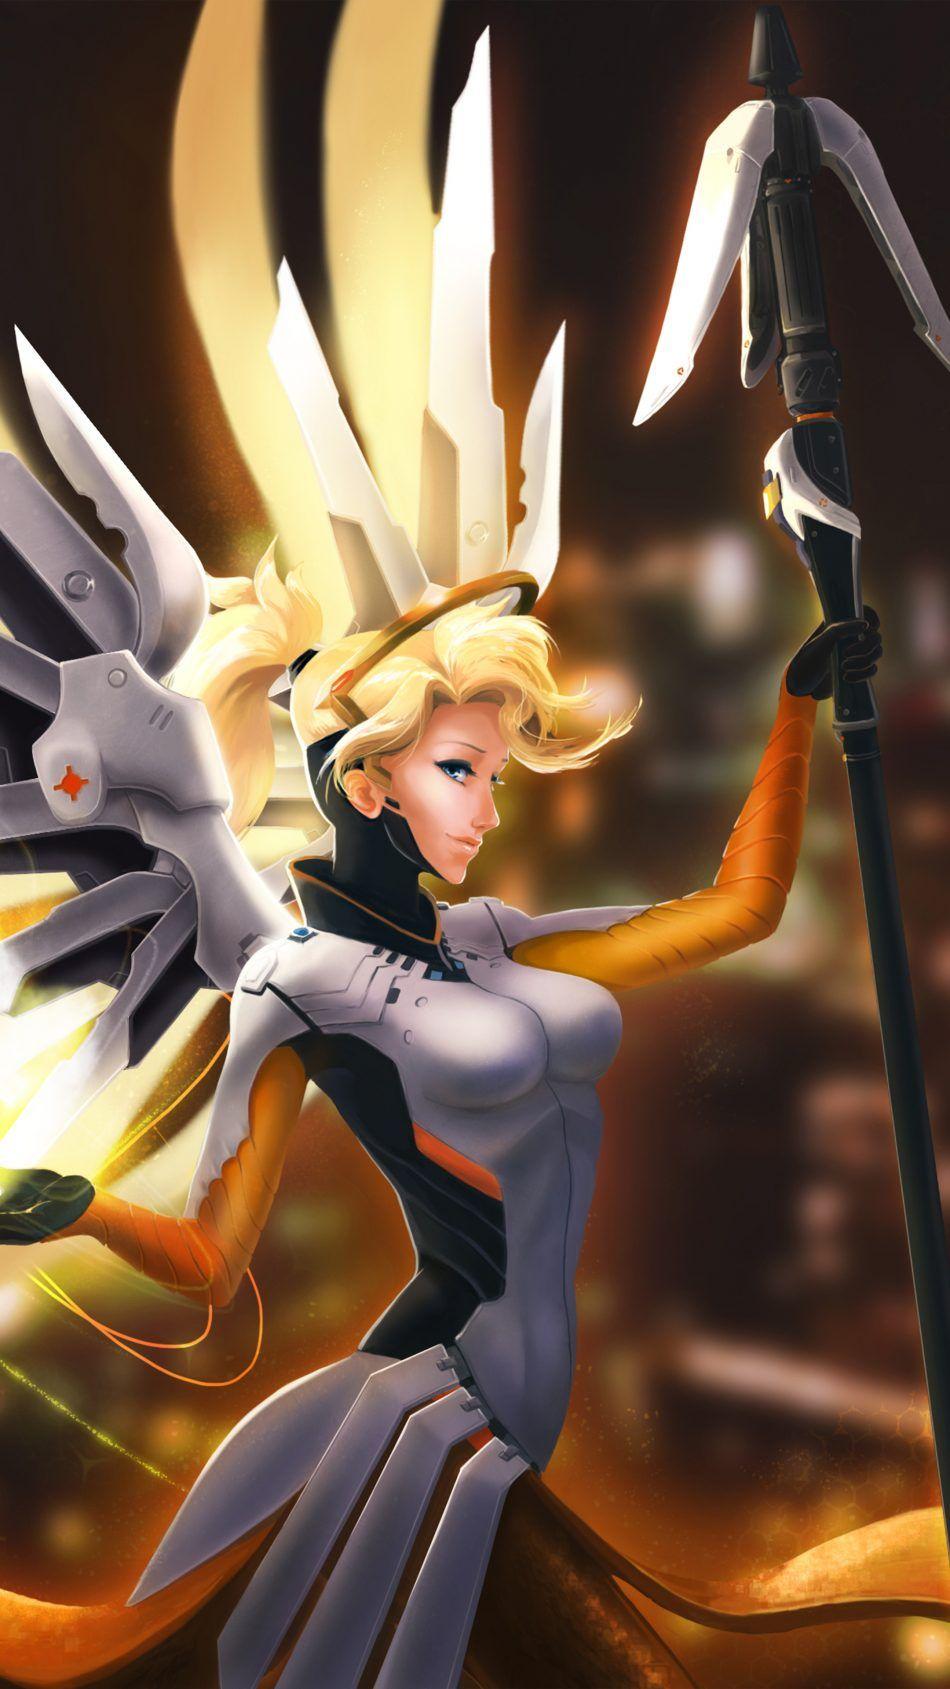 Mercy Overwatch Fan Artwork 4k Ultra Hd Mobile Wallpaper Mercy Overwatch Overwatch Wallpapers Mobile Wallpaper